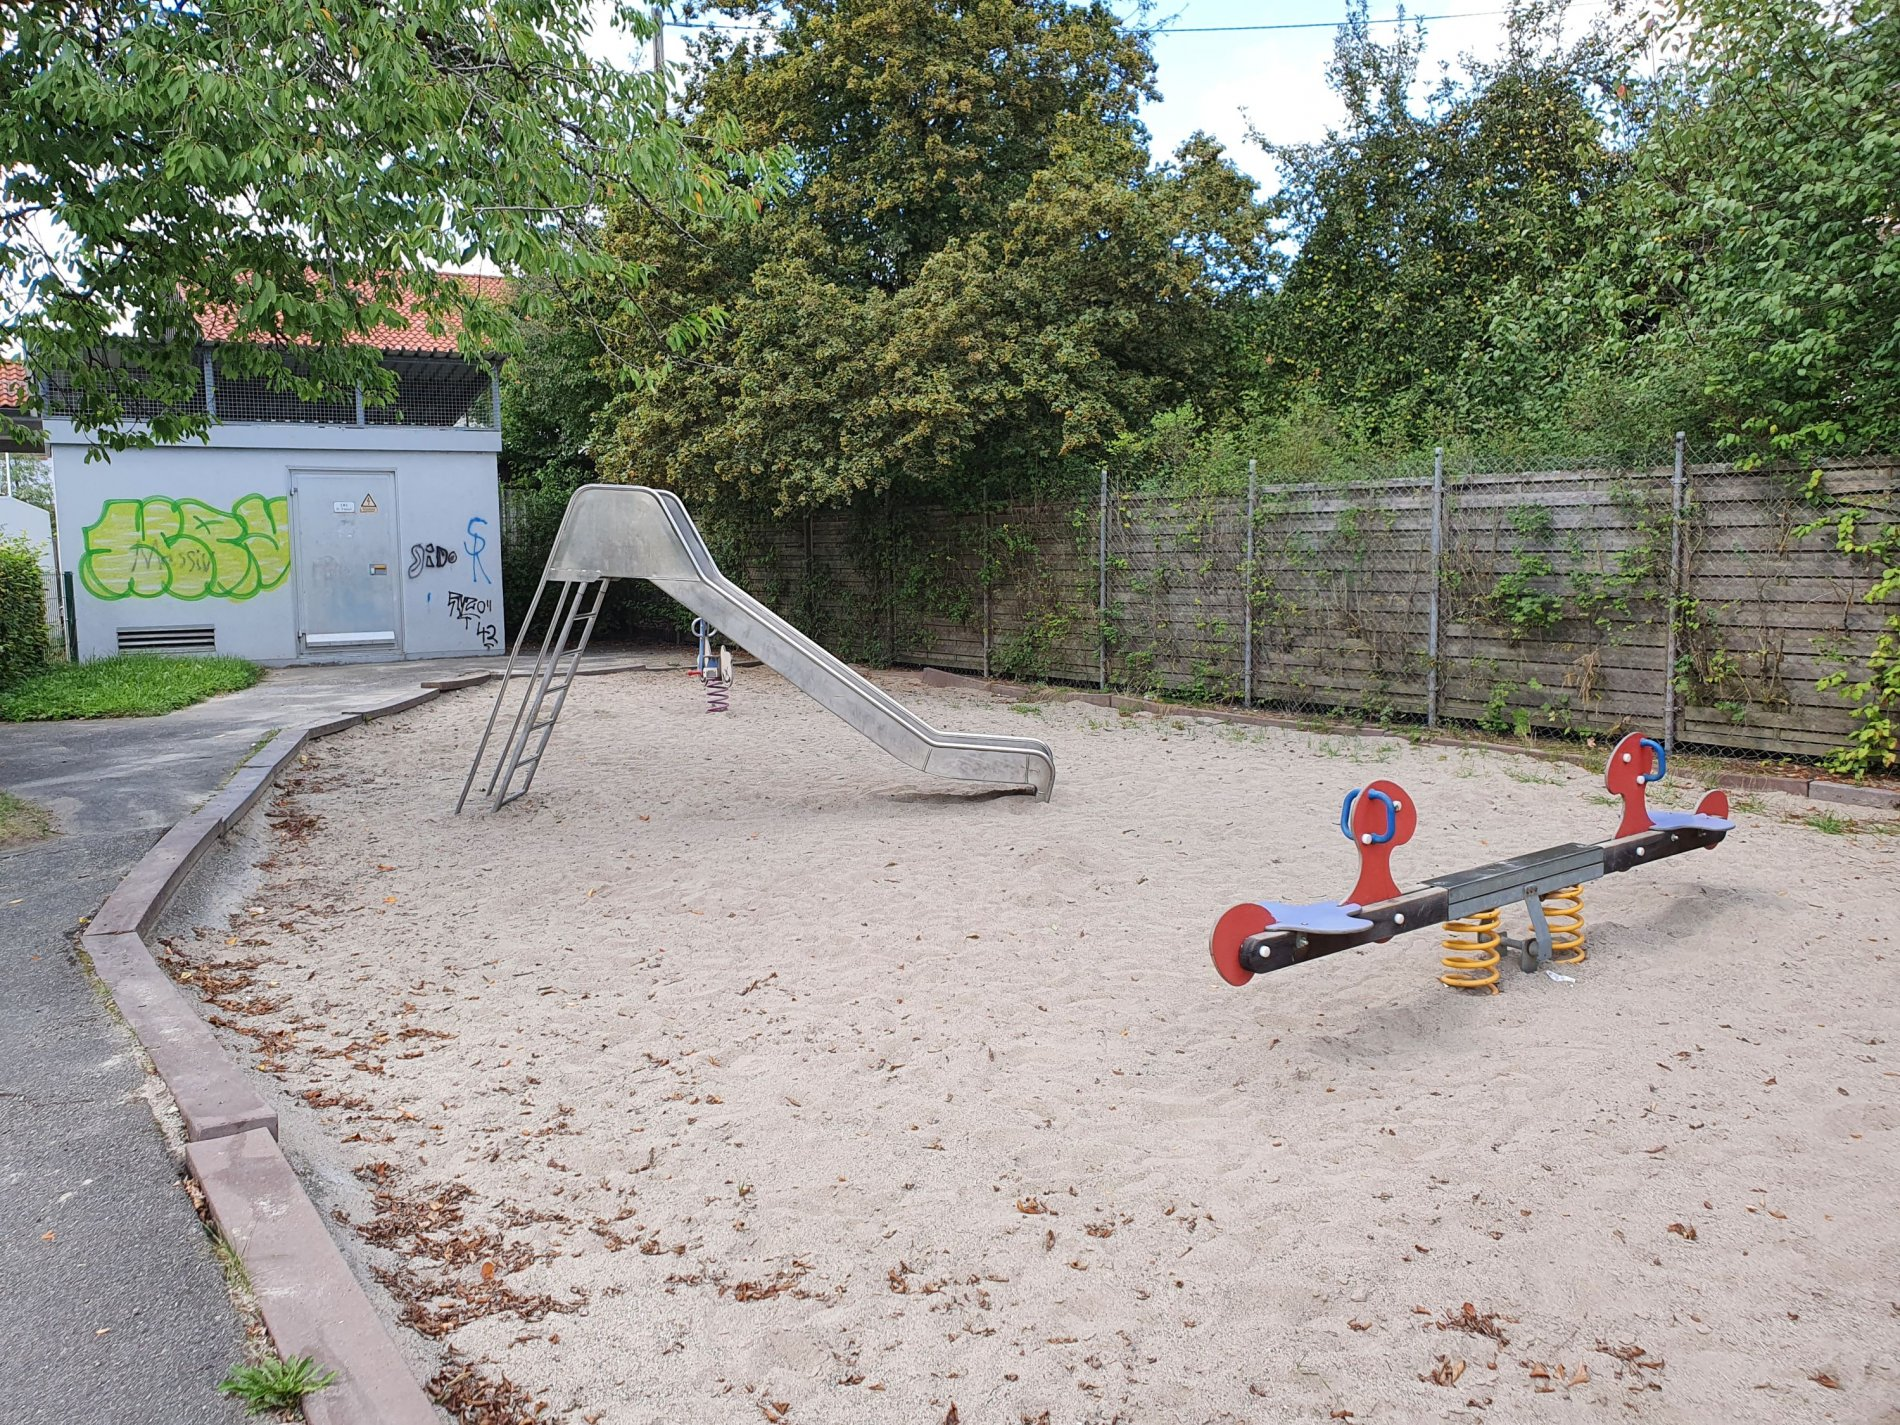 Spielplatz Kantstraße-Viel Platz zum Spielen!